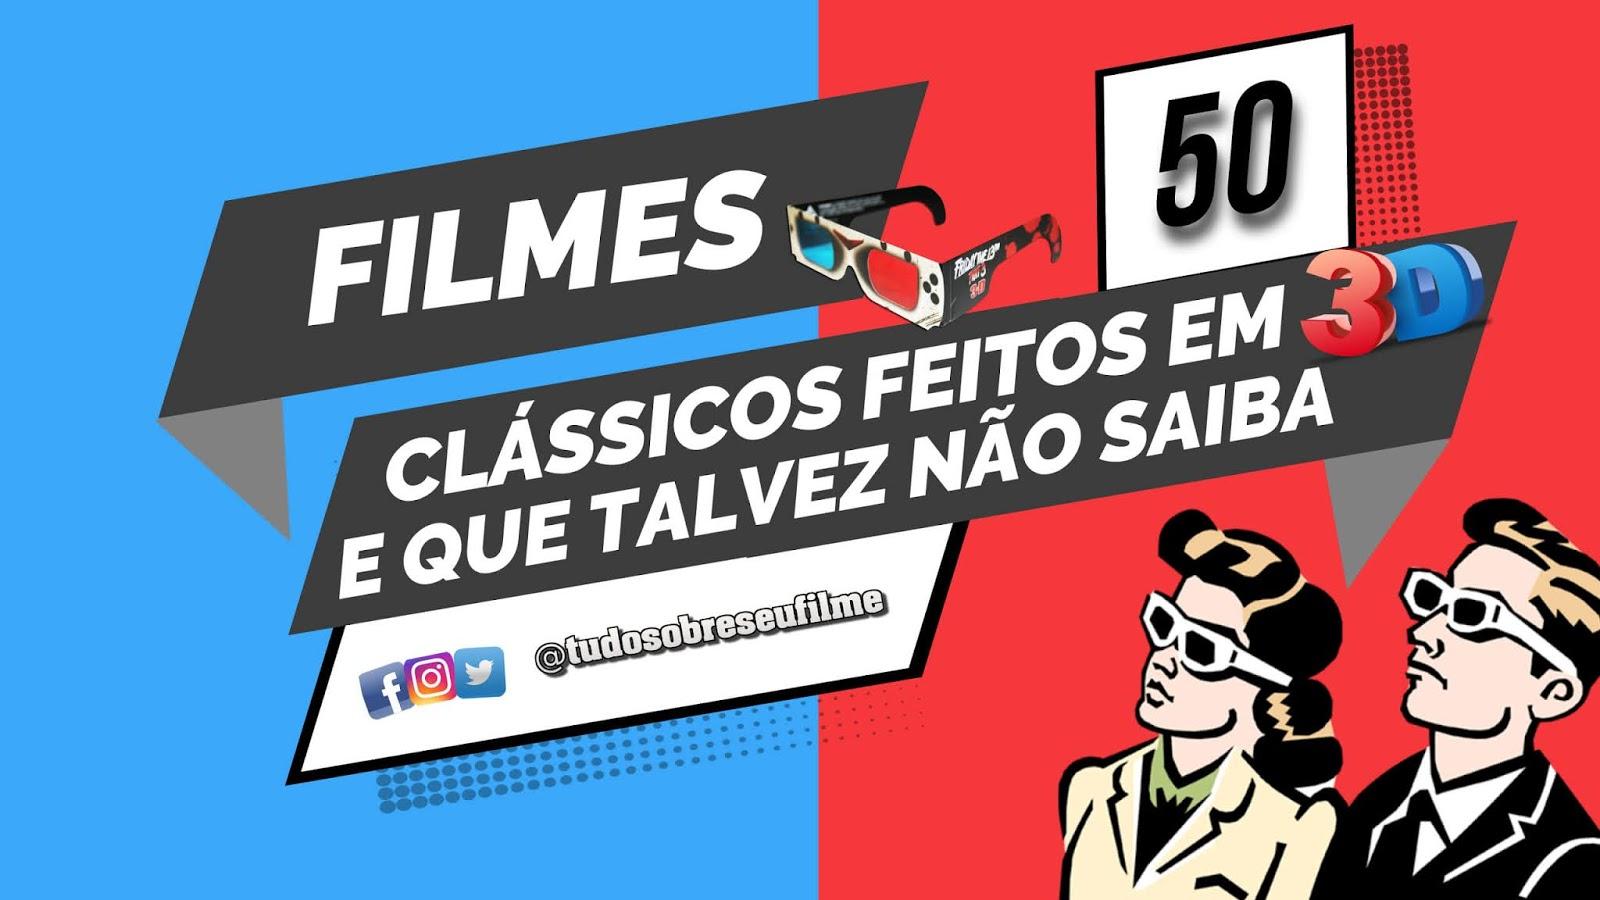 50-filmes-classicos-dos-anos-50-em-3D